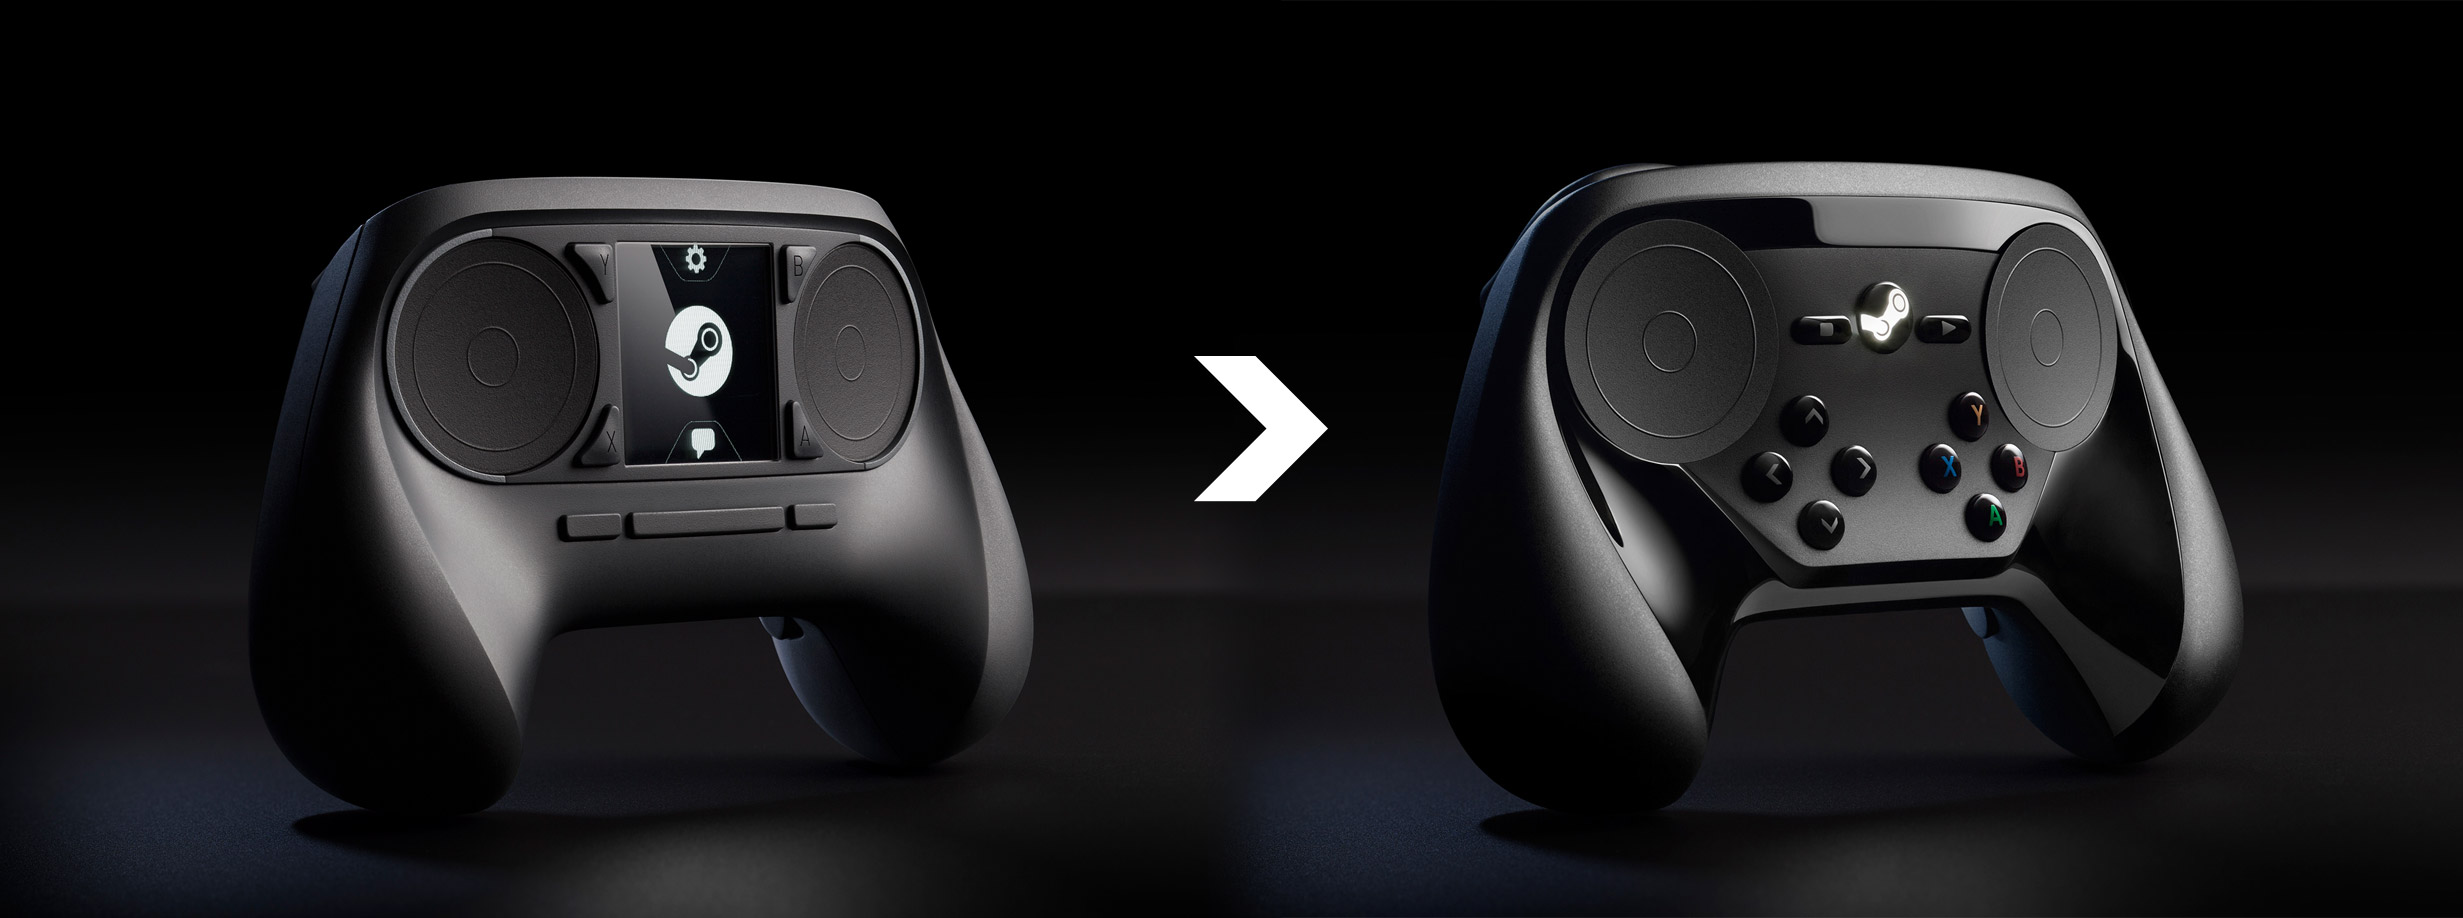 Nuevo diseño del Steam Controller, Valve